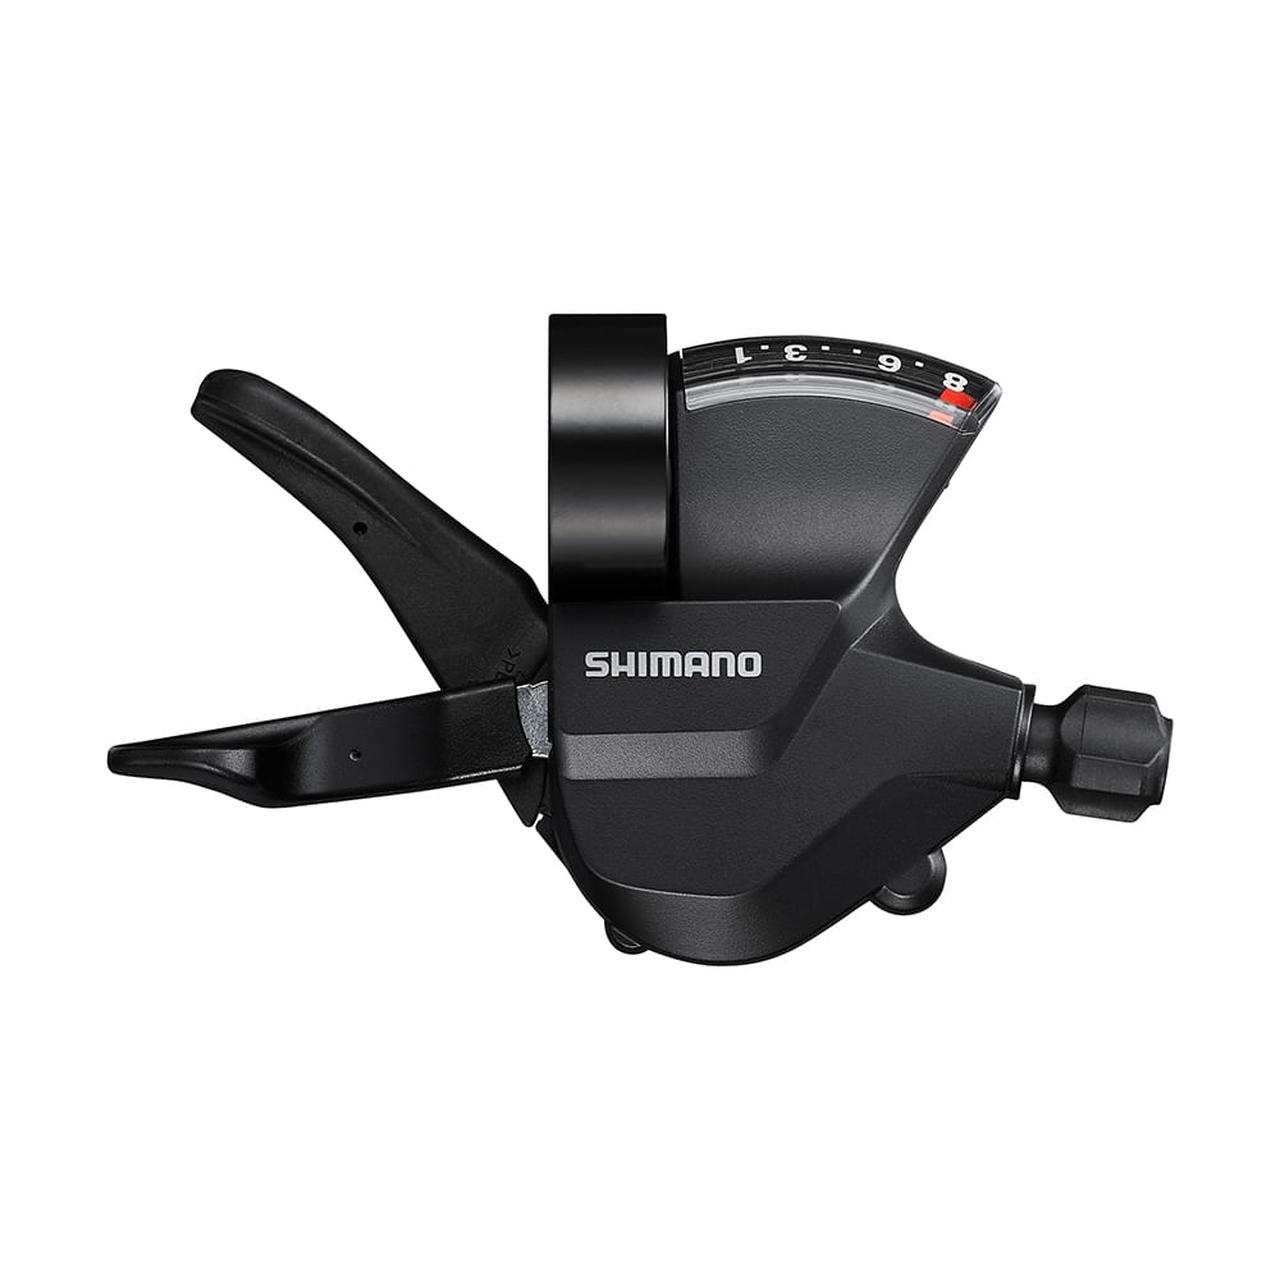 ALAVANCA DE CAMBIO SHIMANO ALTUS SL-M315 8V DIR (1140783)